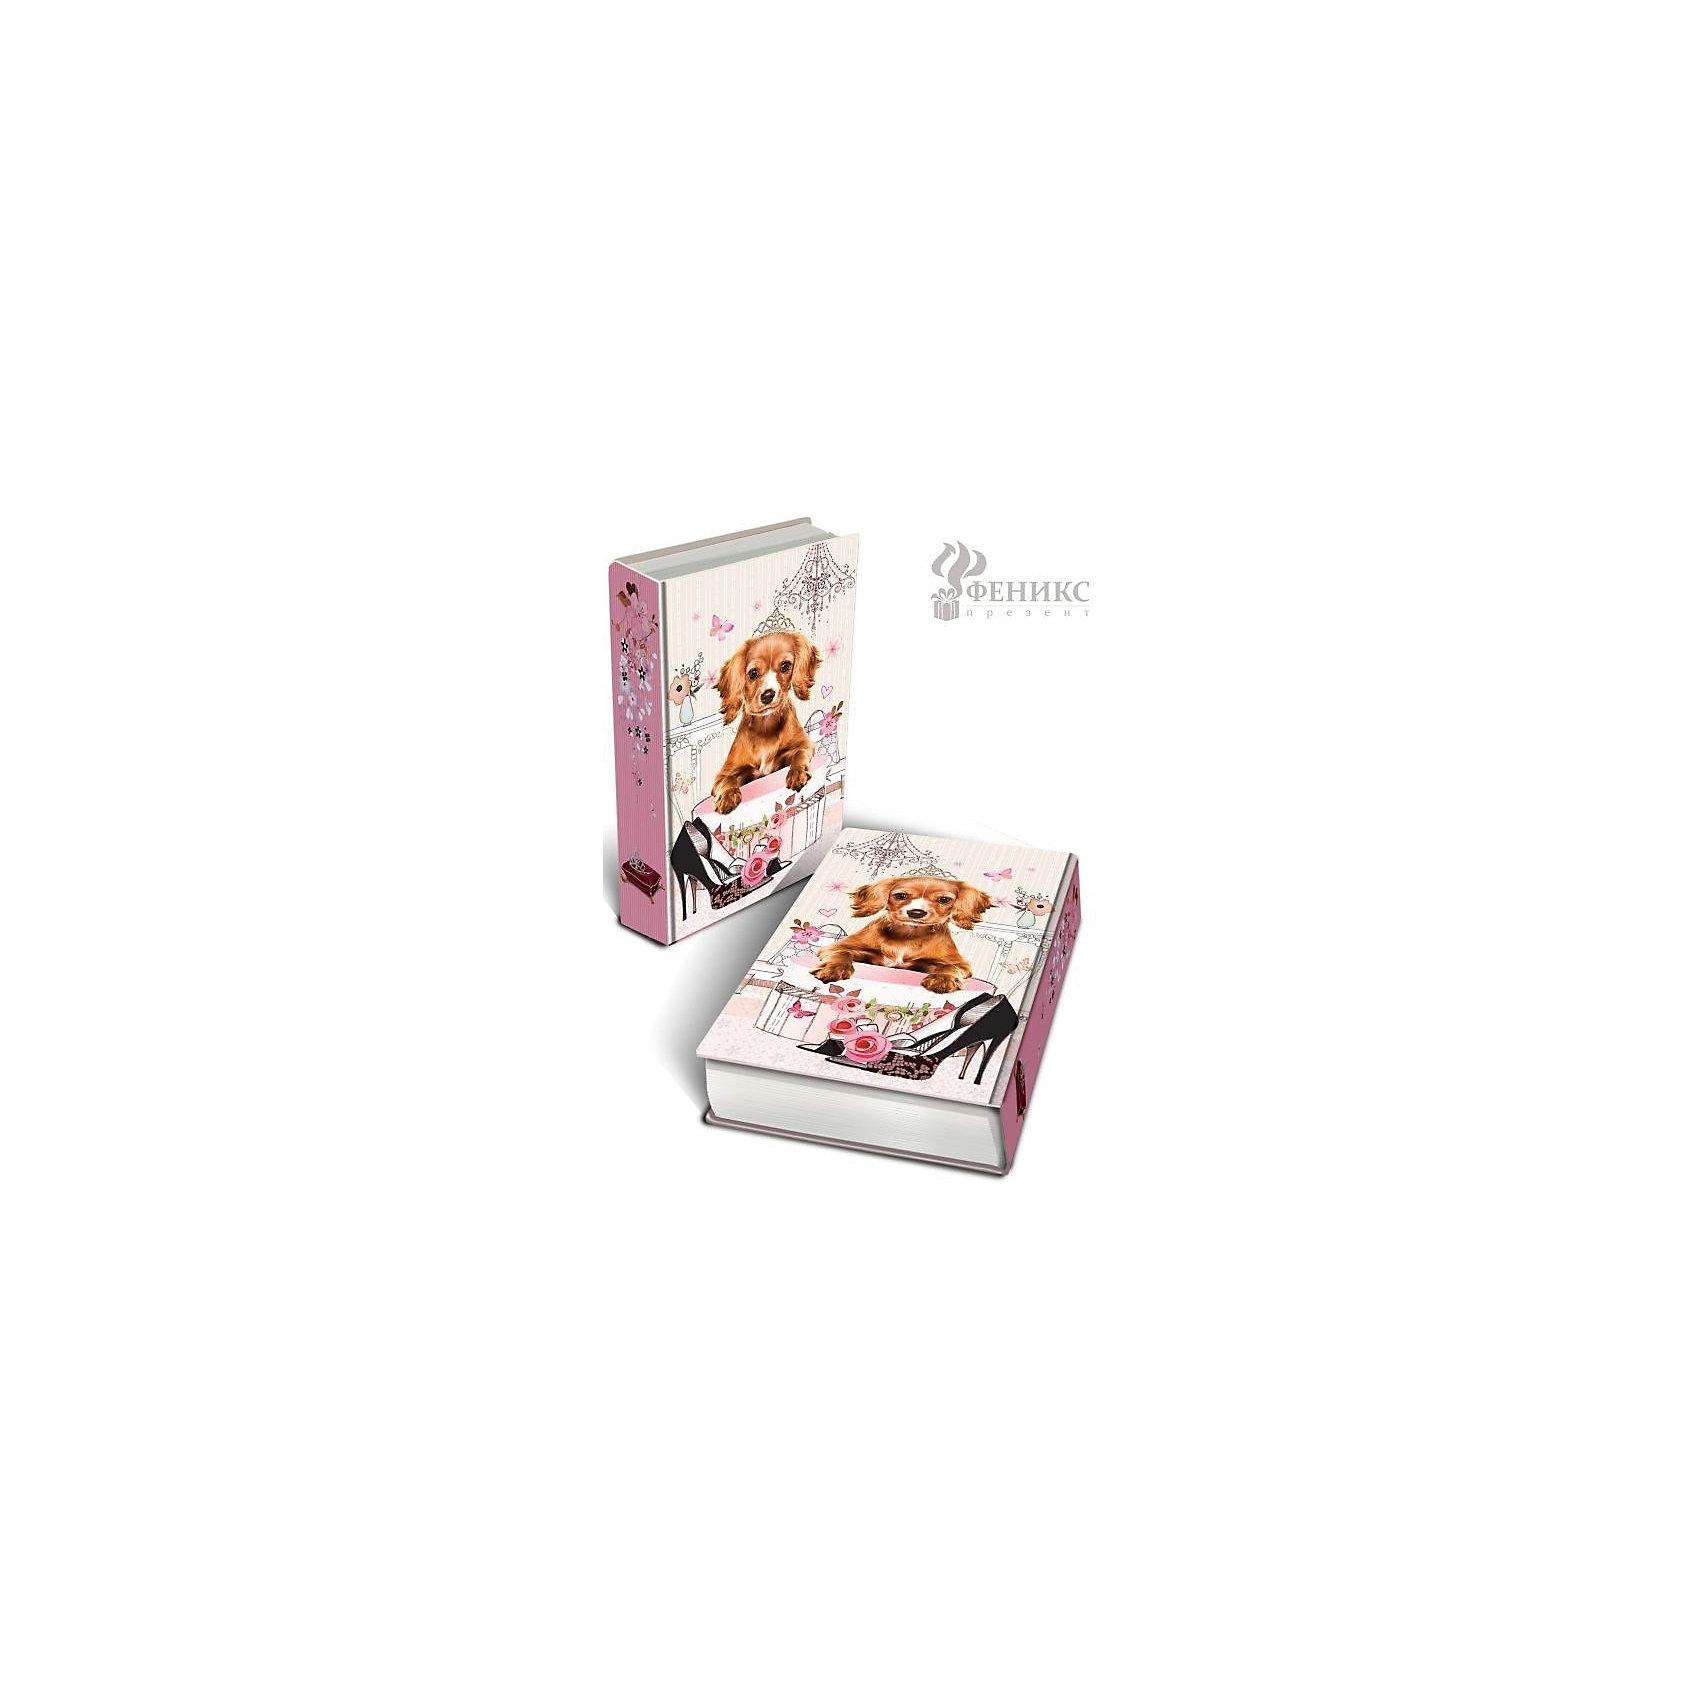 Феникс-Презент Шкатулка декоративная Принцесса (17*11*5 см) roomble декоративная шкатулка секционная для хранения украшений pompadour